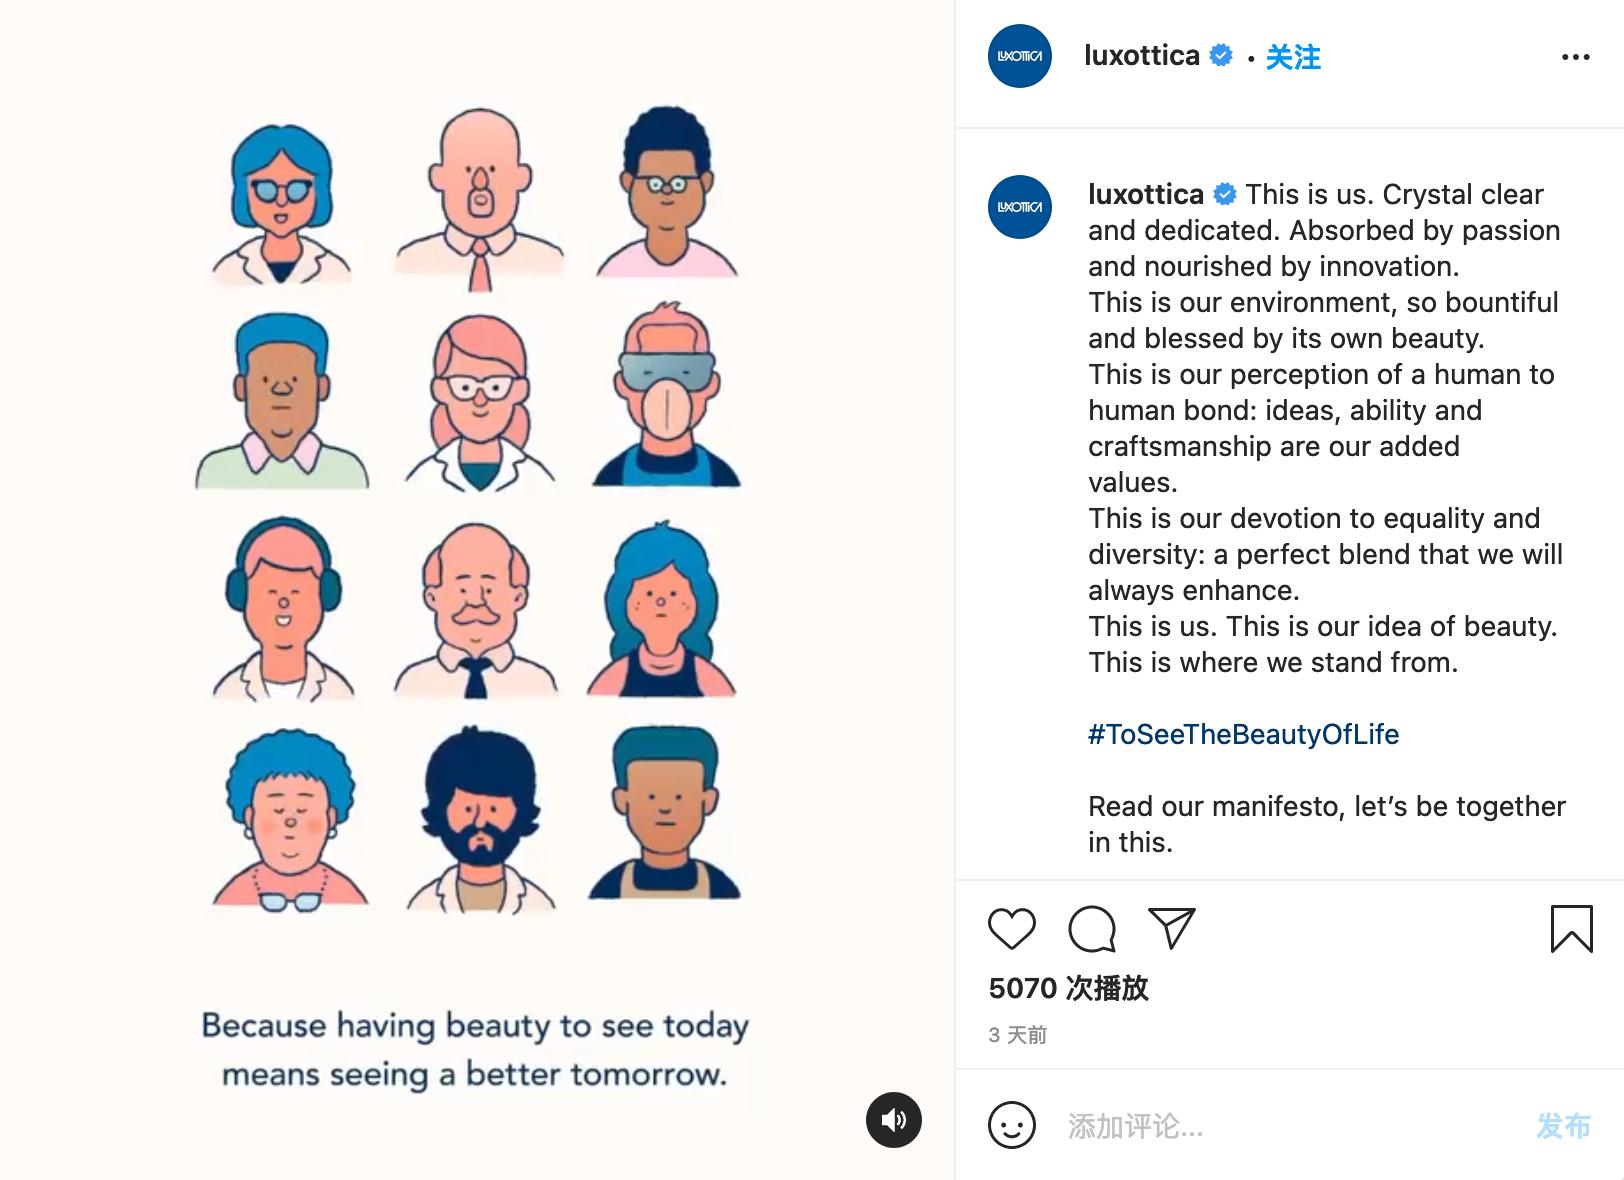 意大利眼镜制造商 Luxottica 携手插画师发布可持续宣言